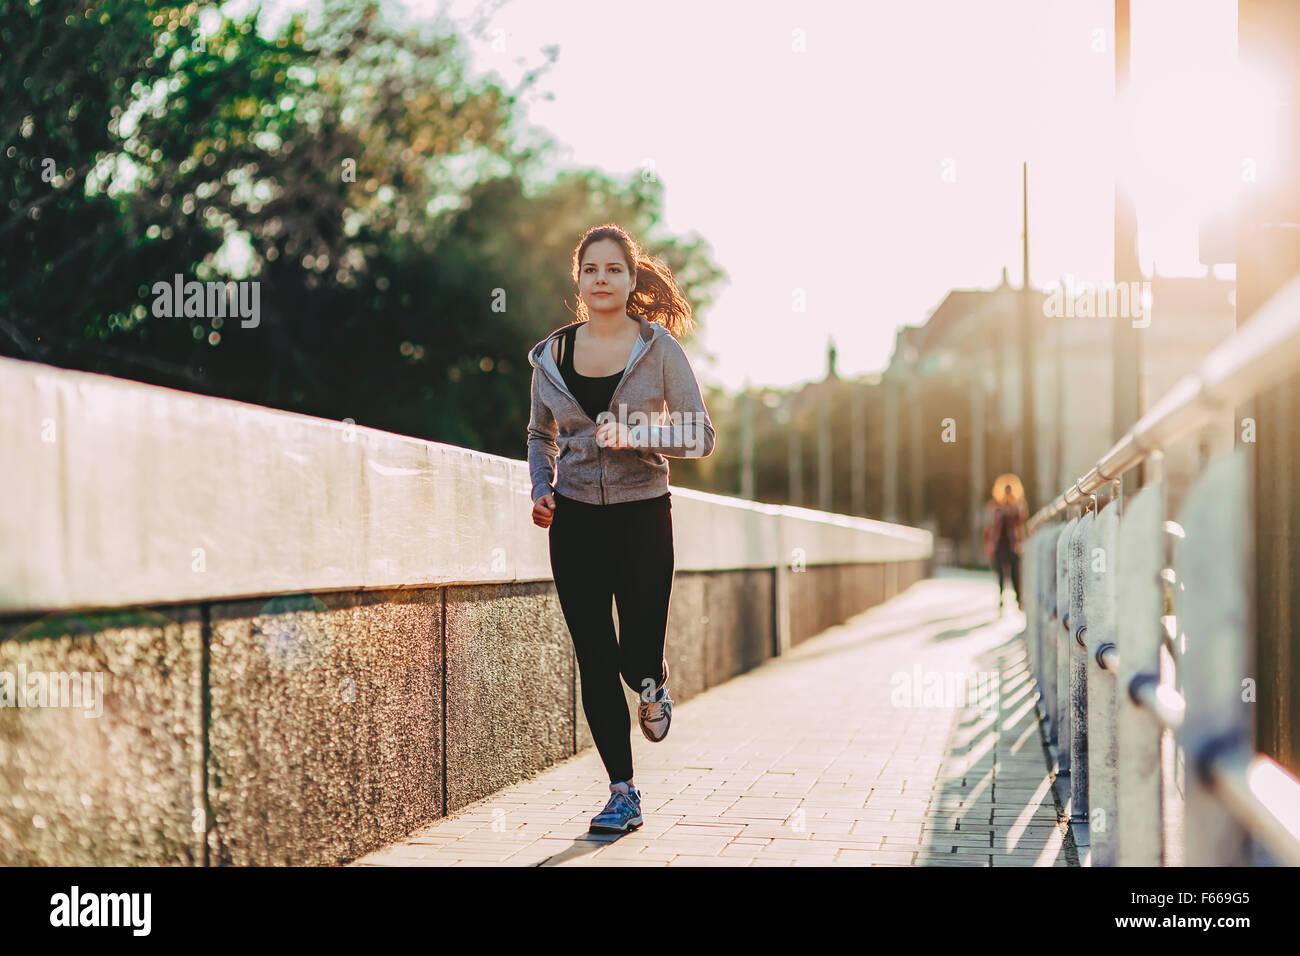 Montare donna jogging in città nel bel tramonto Immagini Stock